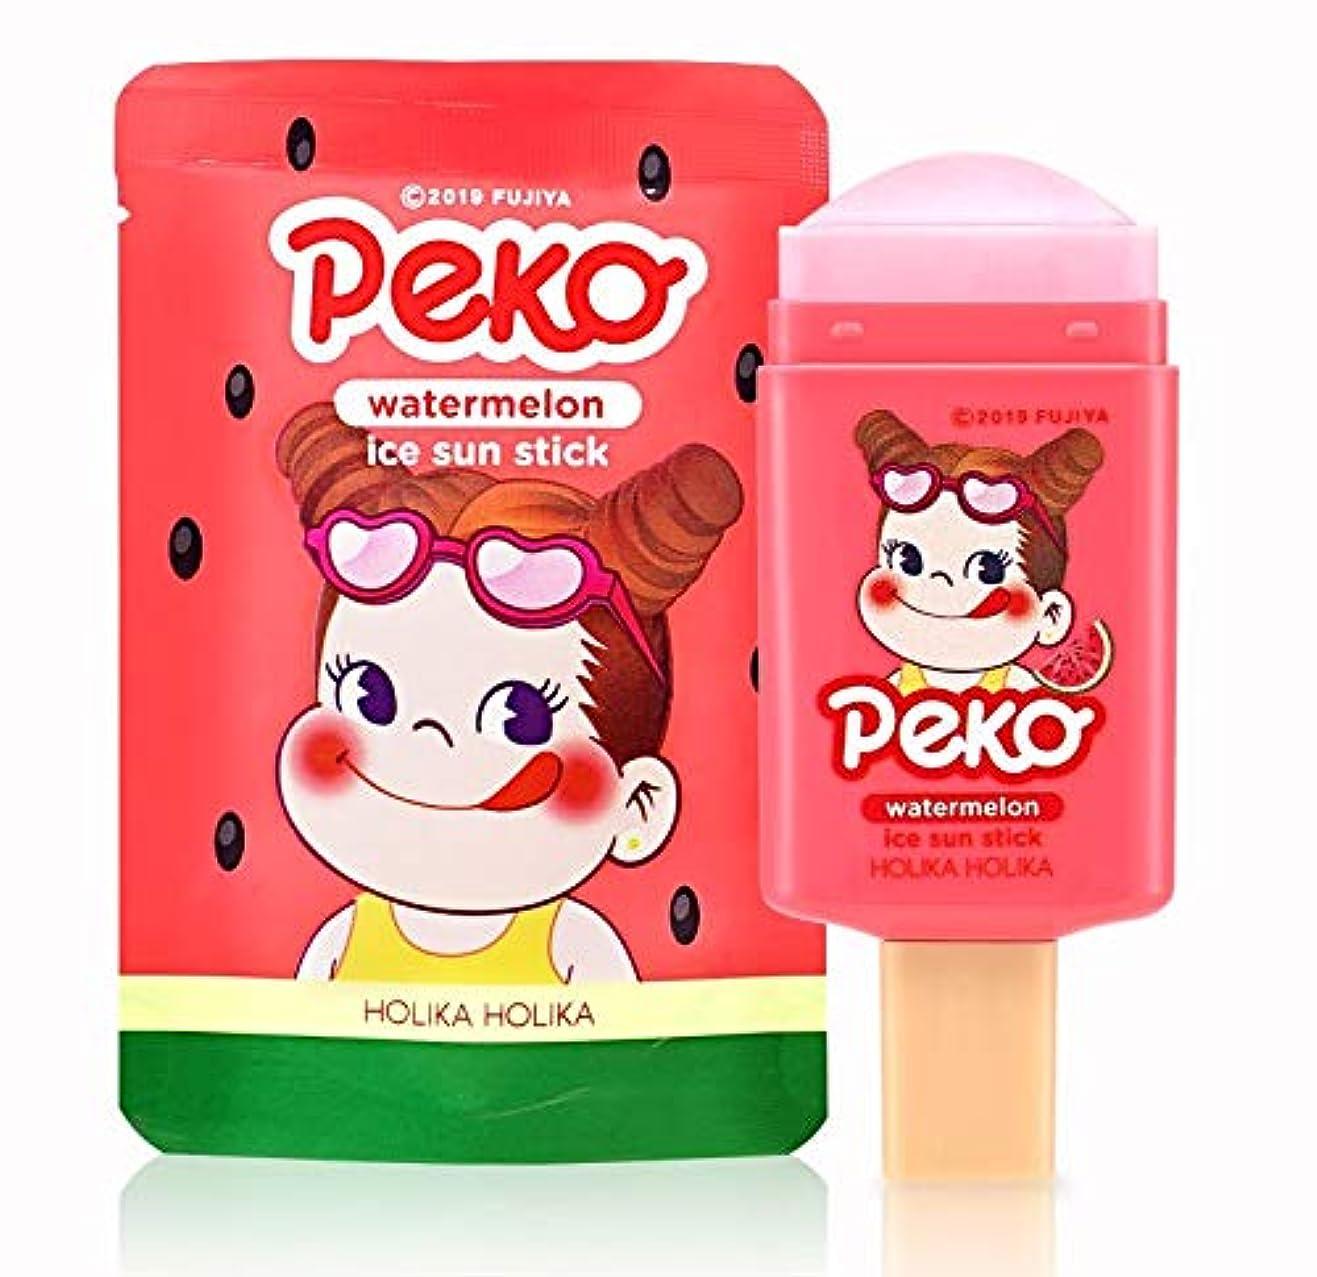 クリスチャンシャッター用心深いホリカホリカ [スイートペコエディション] スイカ アイス サン スティック 14g / Holika Holika [Sweet Peko Edition] Watermellon Ice Sun Stick SPF50+ PA++++ [並行輸入品]